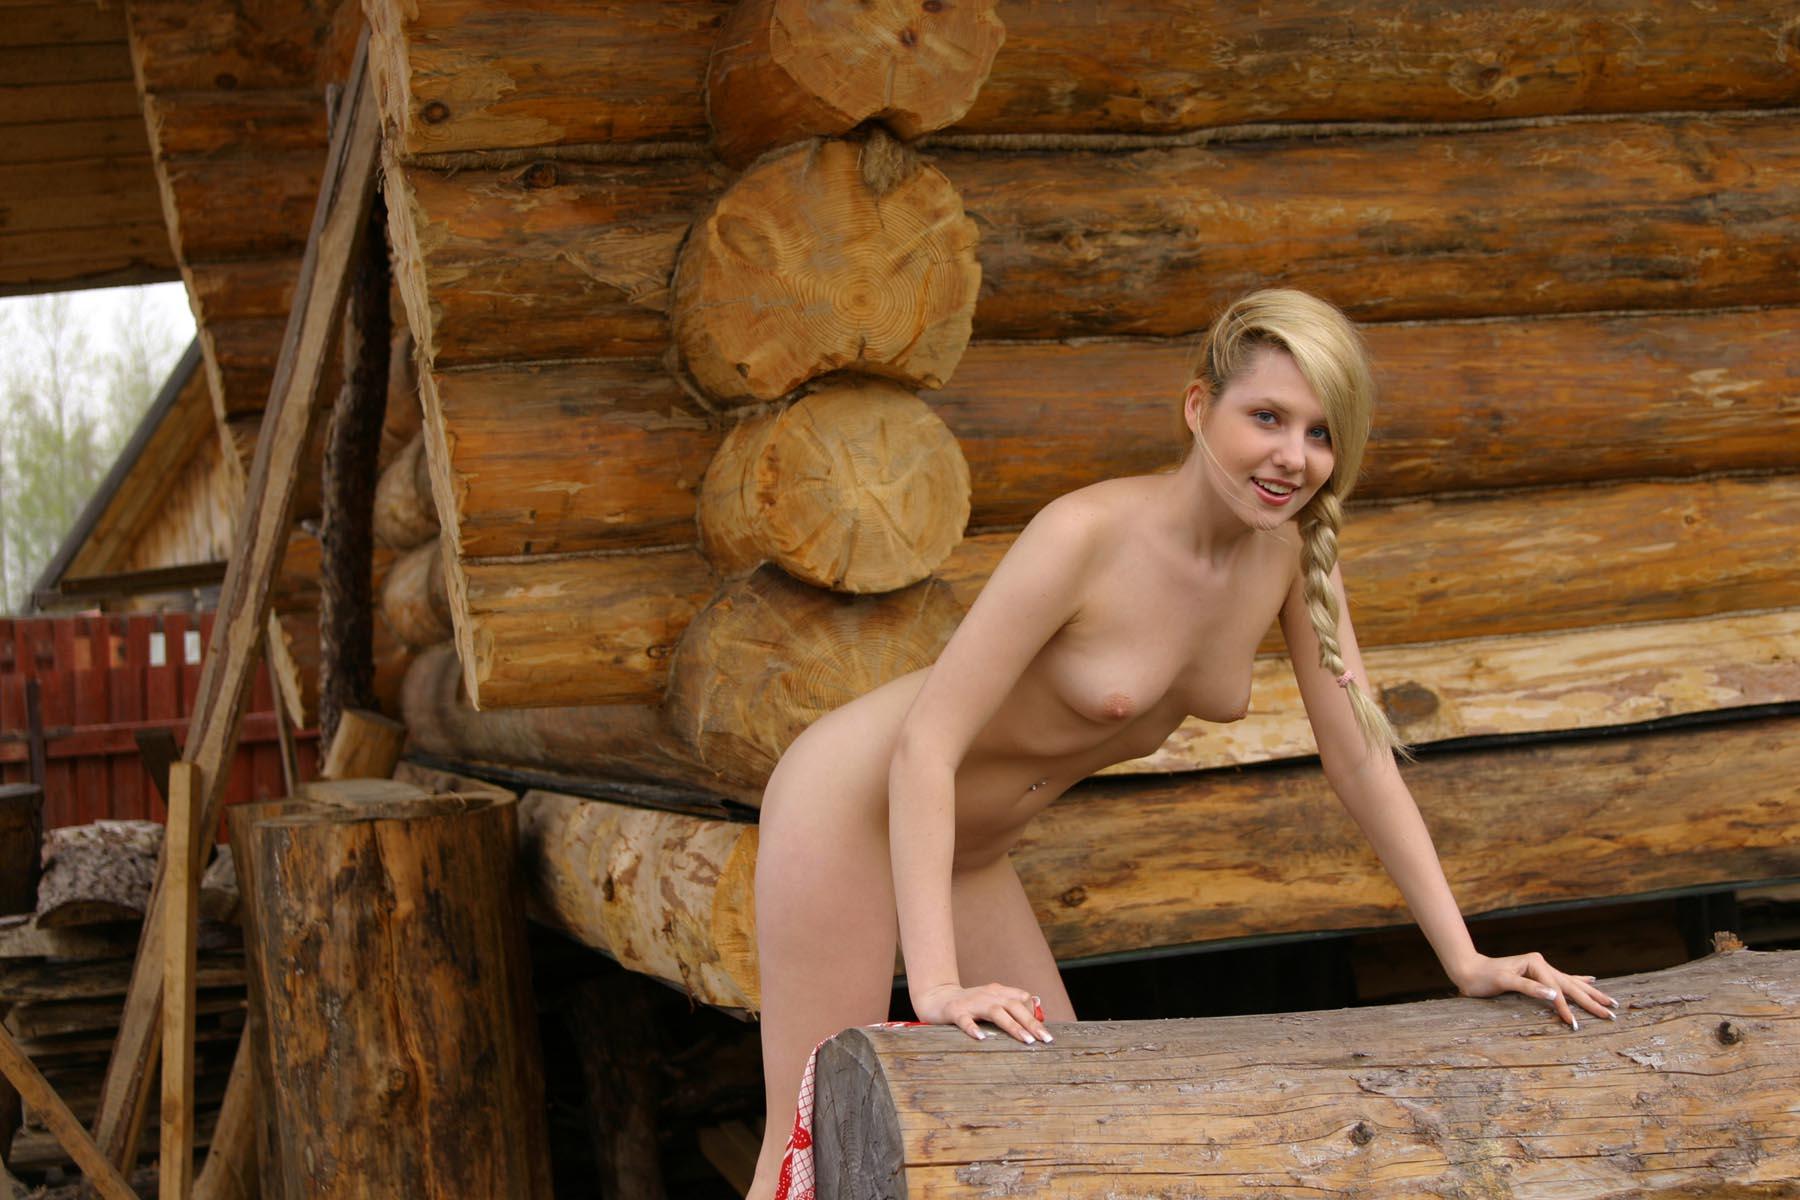 Сексуальные фантазии в деревне видео